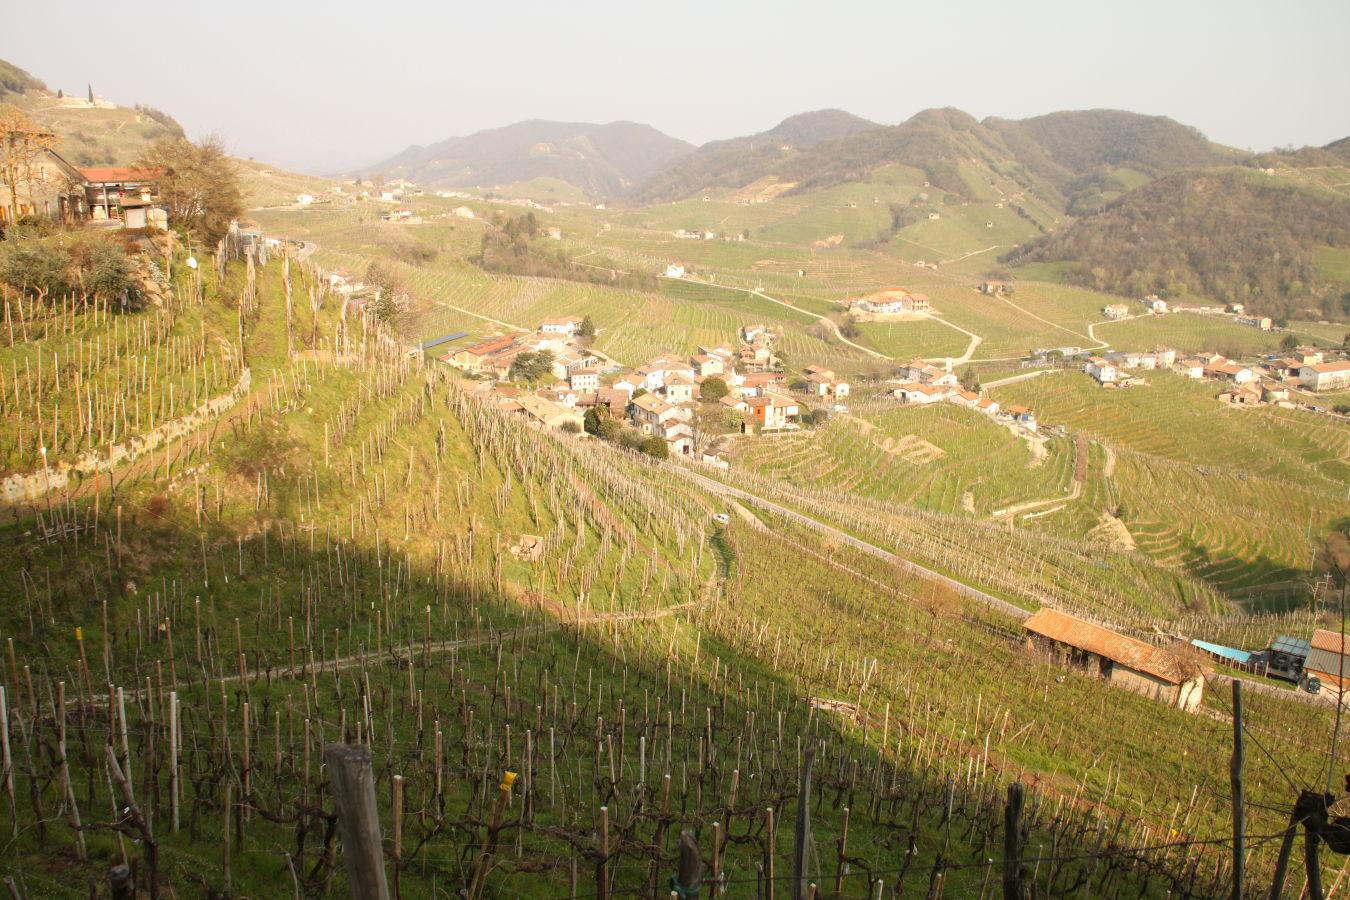 Objevte chutě Toskánska, nechte se zlákat jižanskou kuchyní a kvalitním vínem